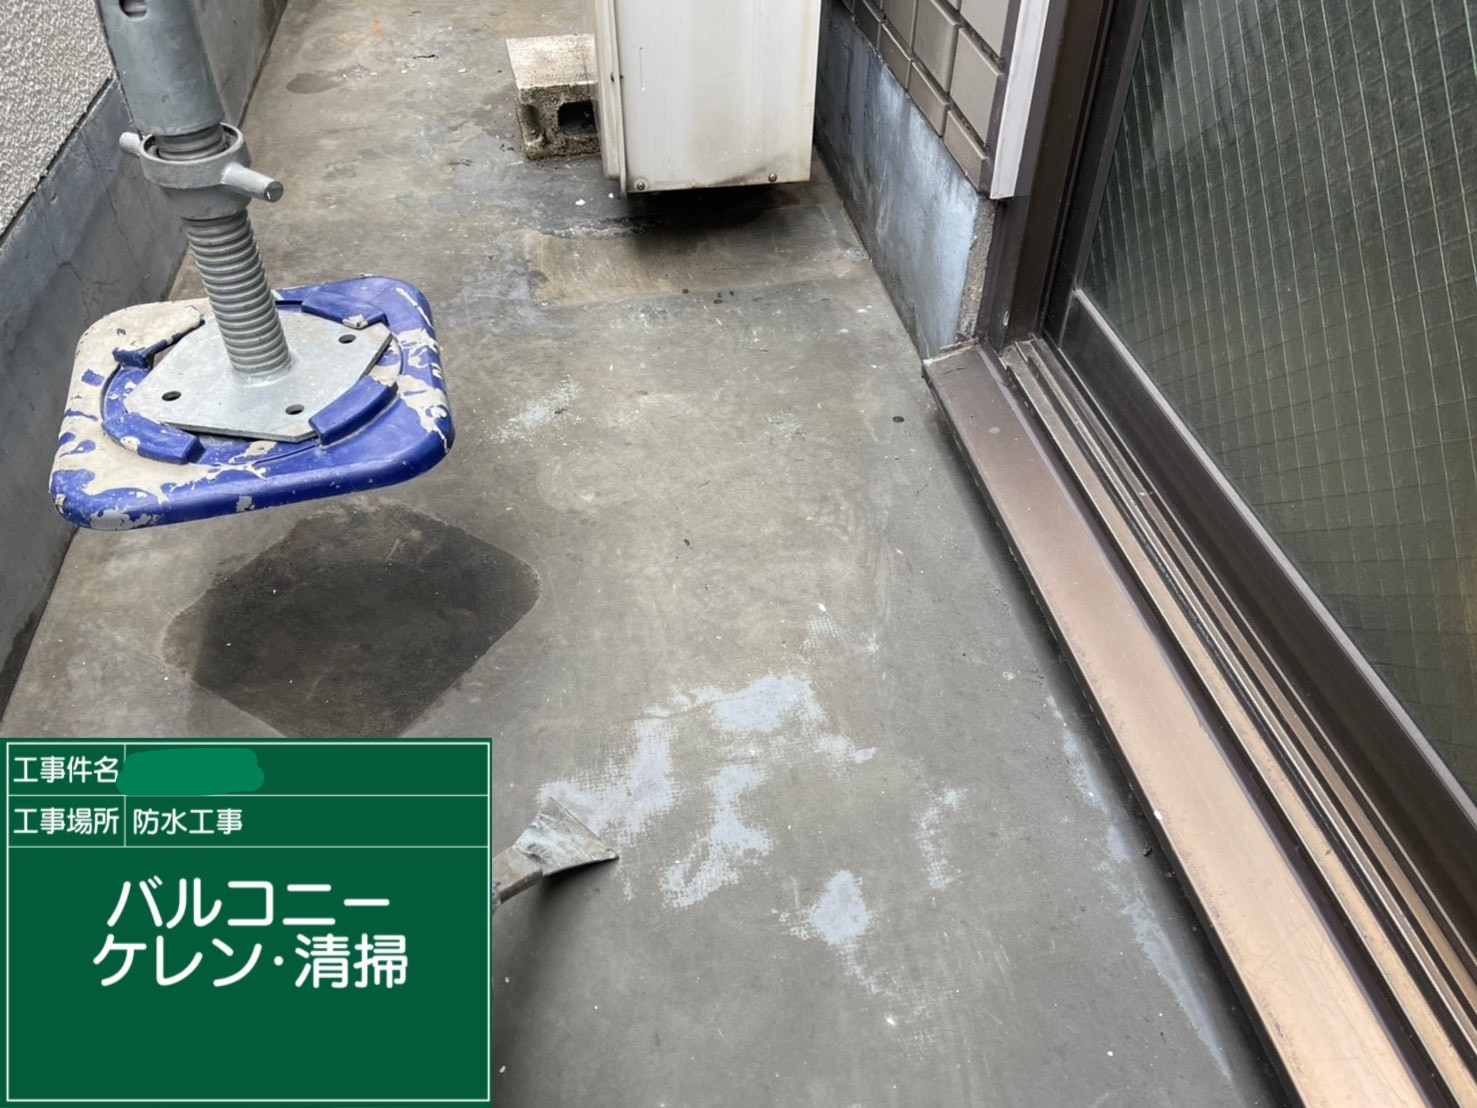 ②ケレン・清掃